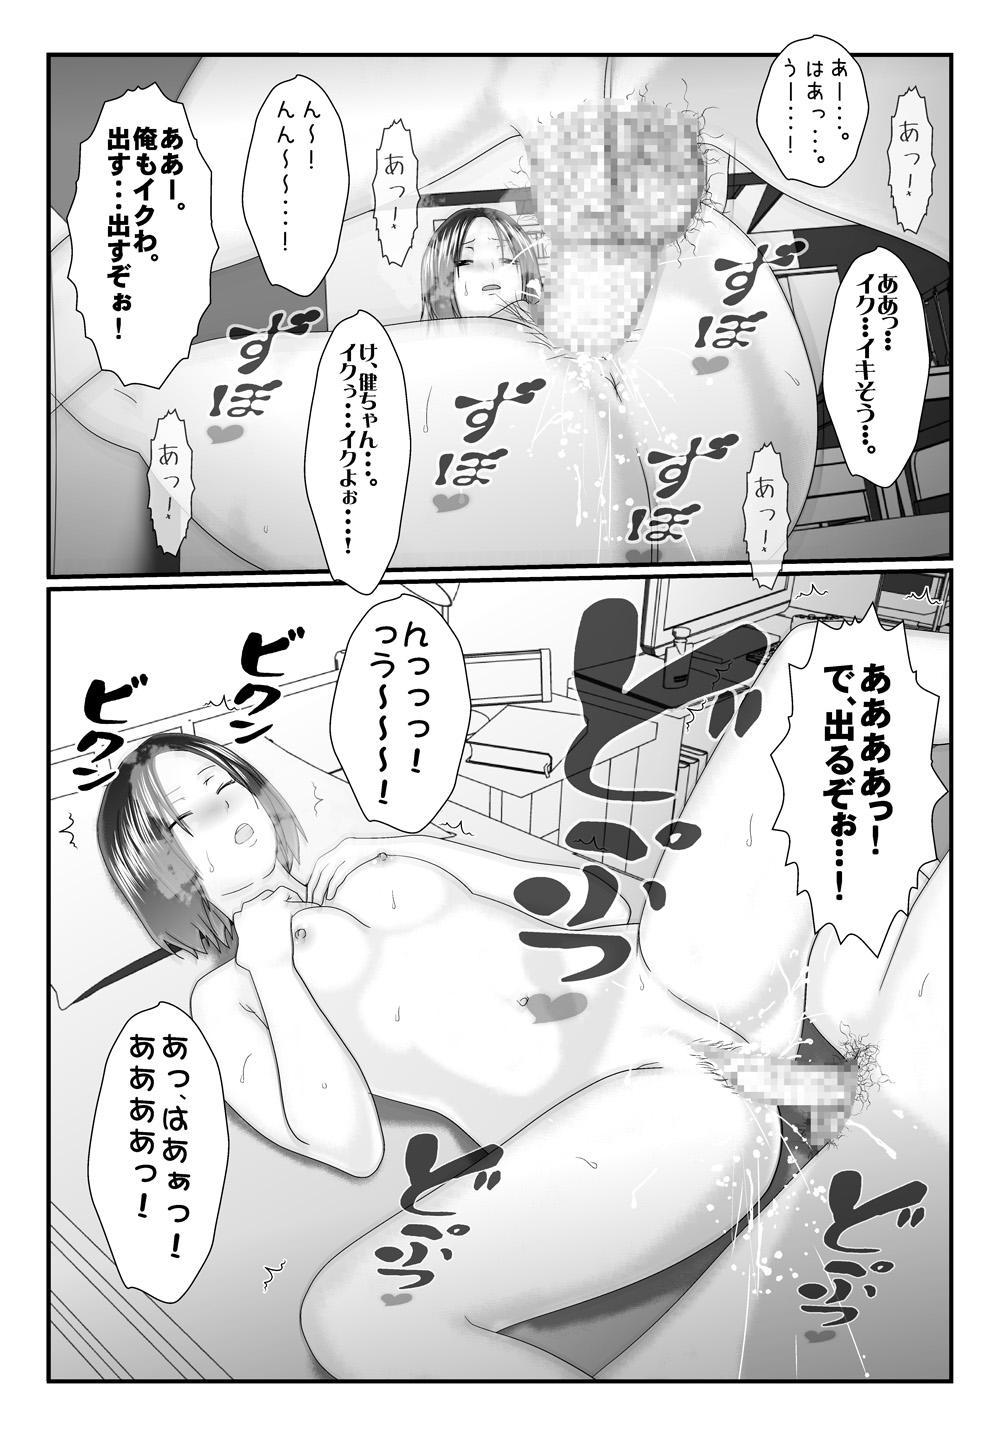 Ore no Juumai ga Razoku de Komaru - Ero Juukei × Juumai 50